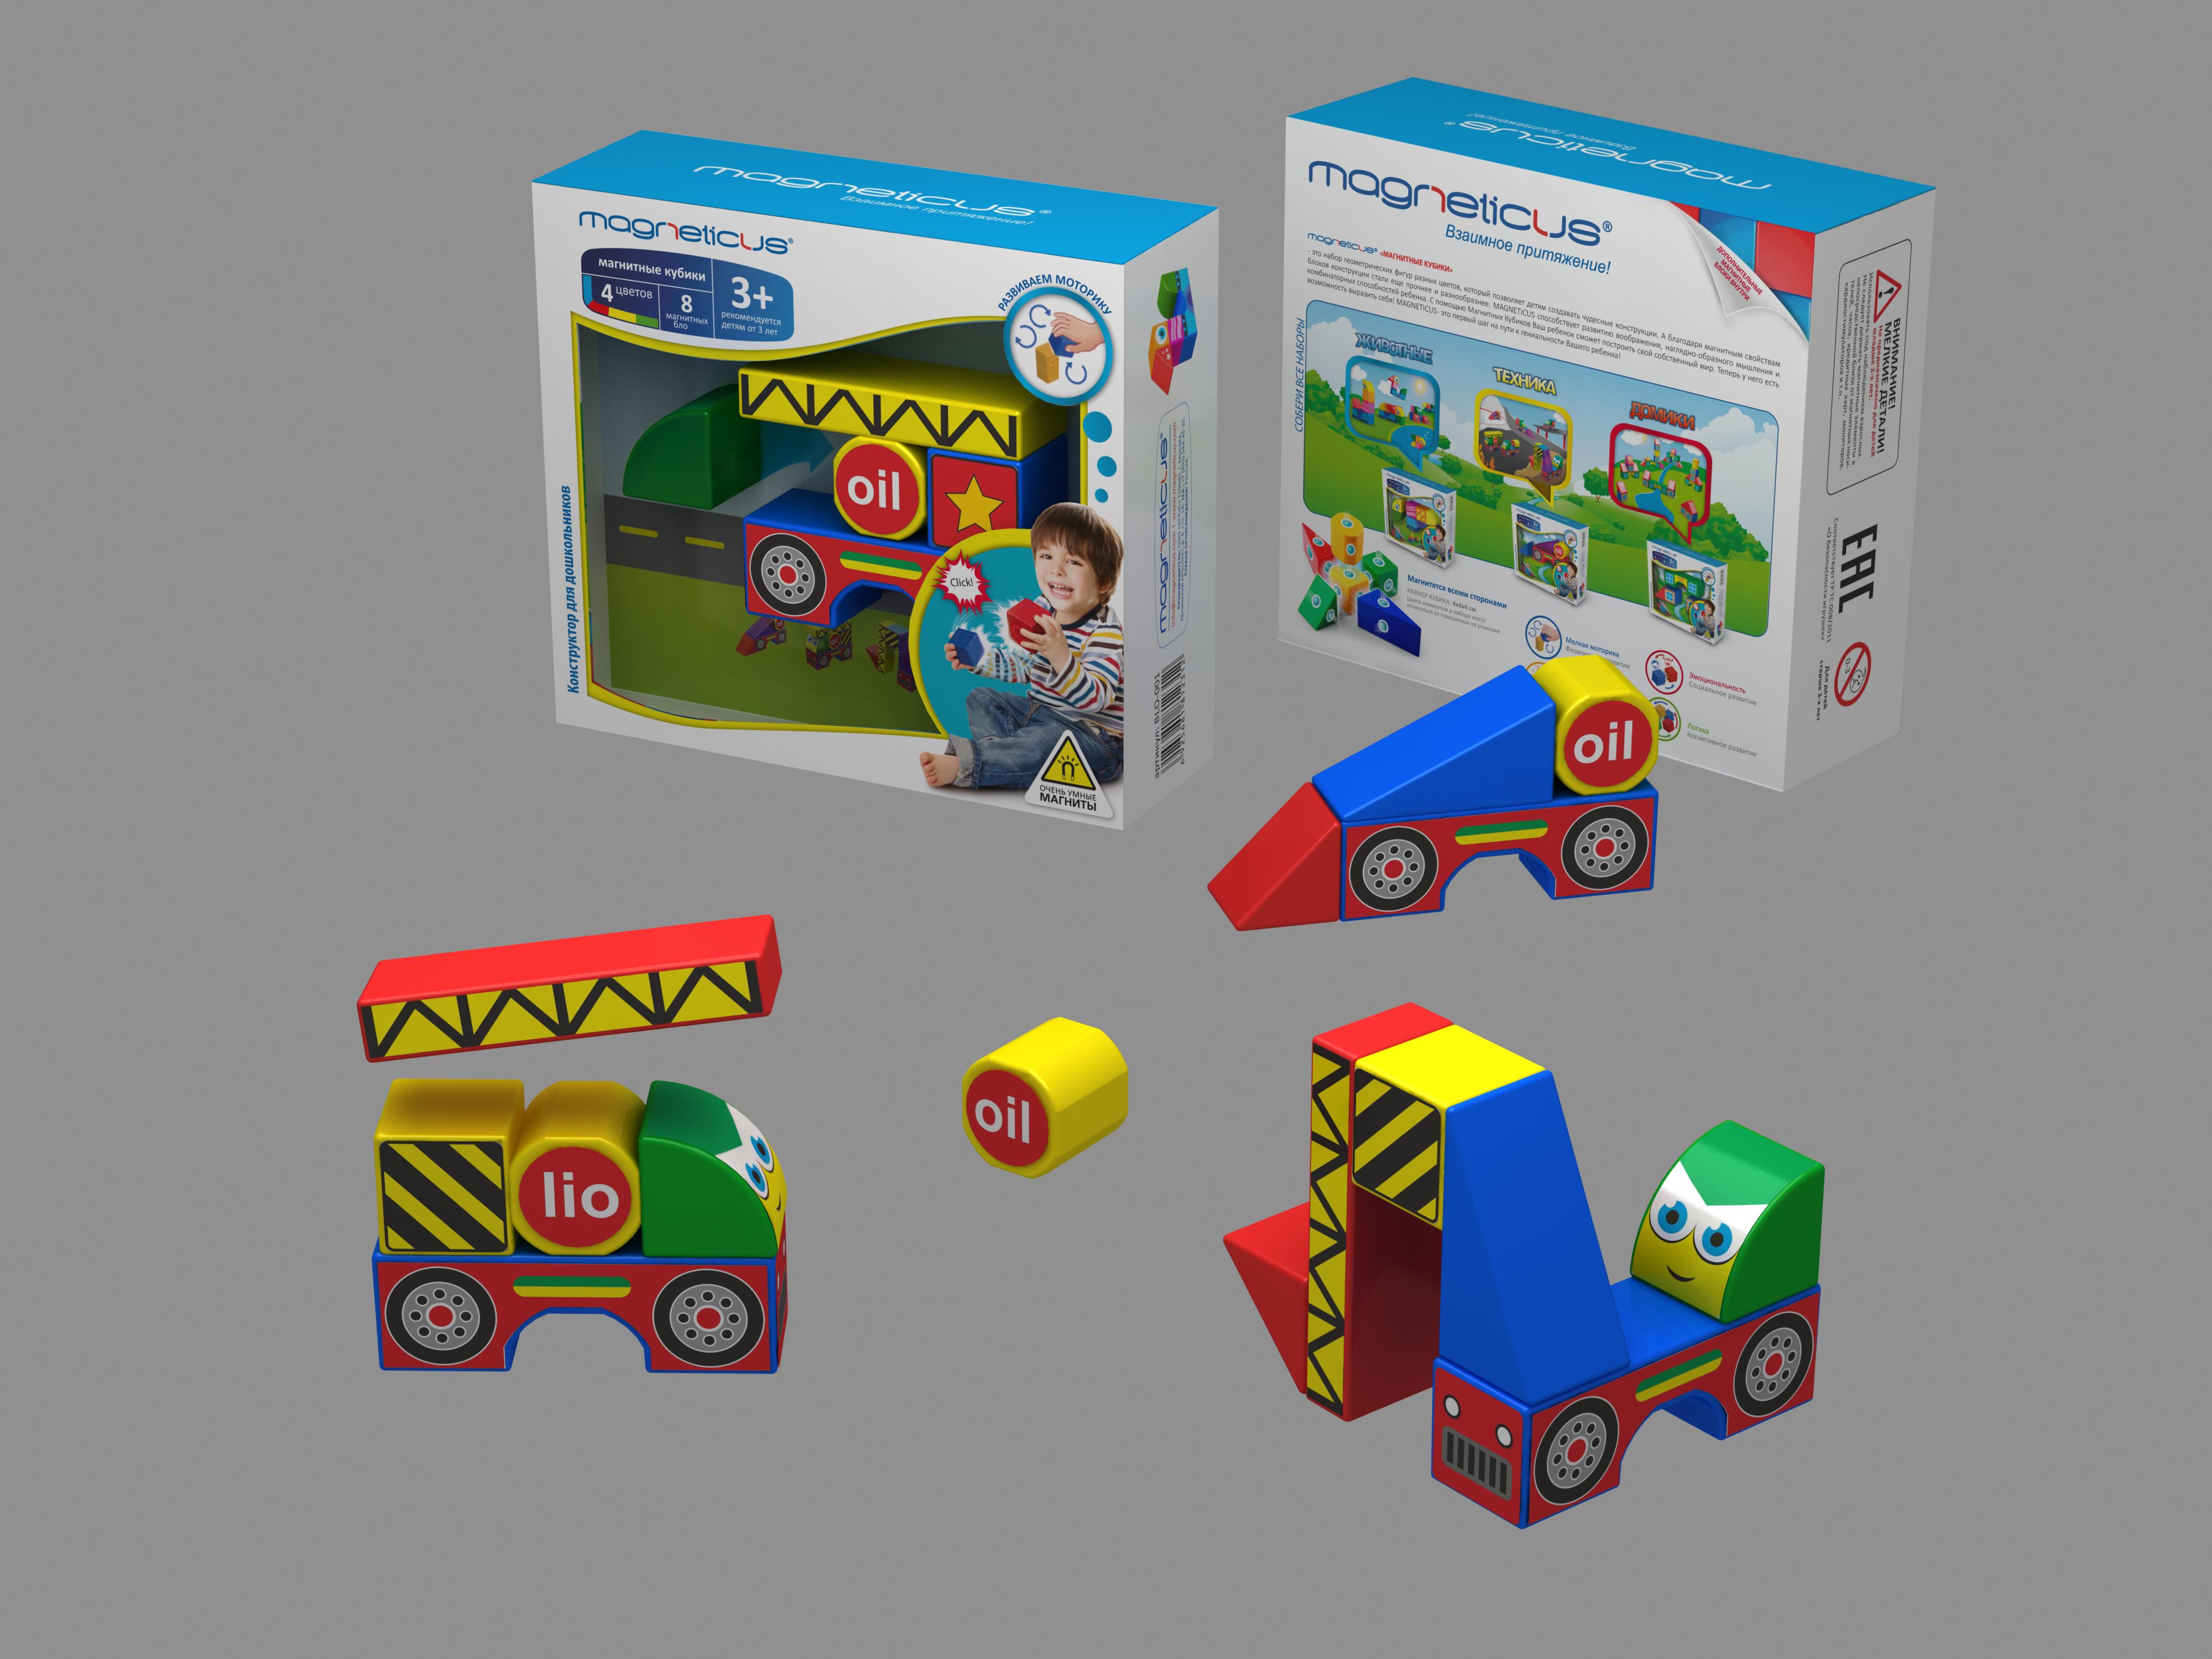 Магнитные кубики  Стройка - Кубики, артикул: 150337